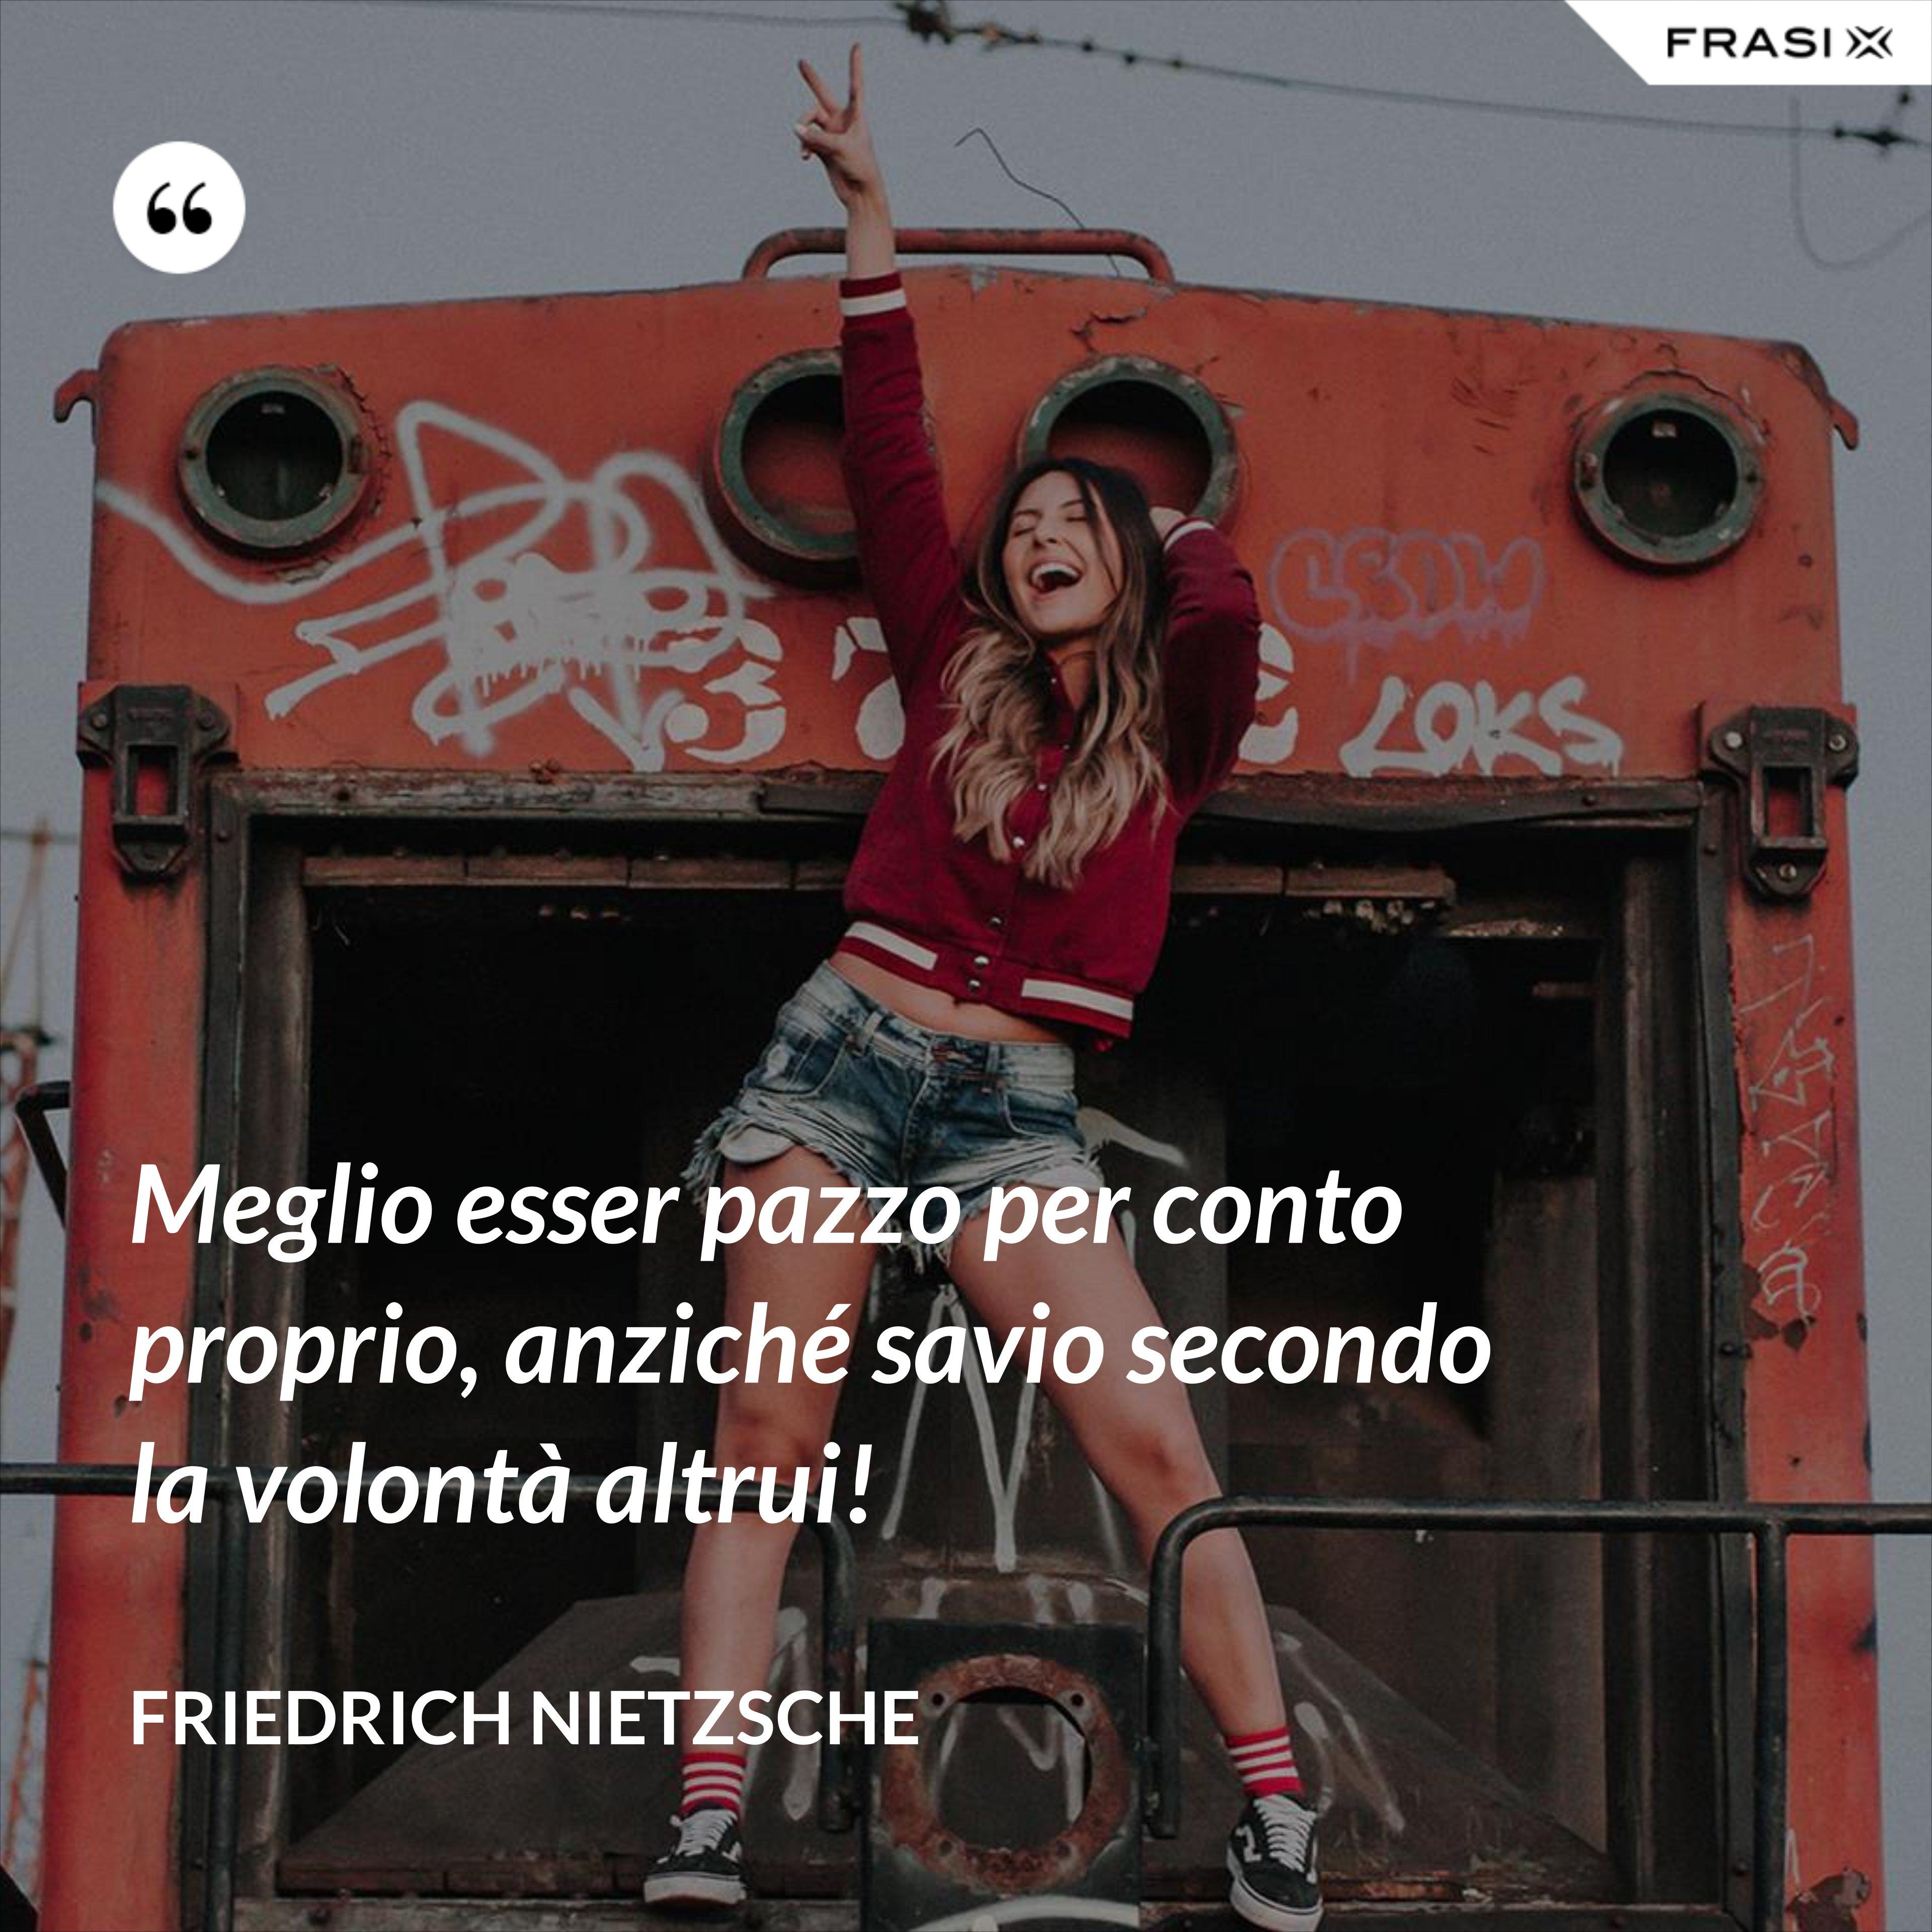 Meglio esser pazzo per conto proprio, anziché savio secondo la volontà altrui! - Friedrich Nietzsche